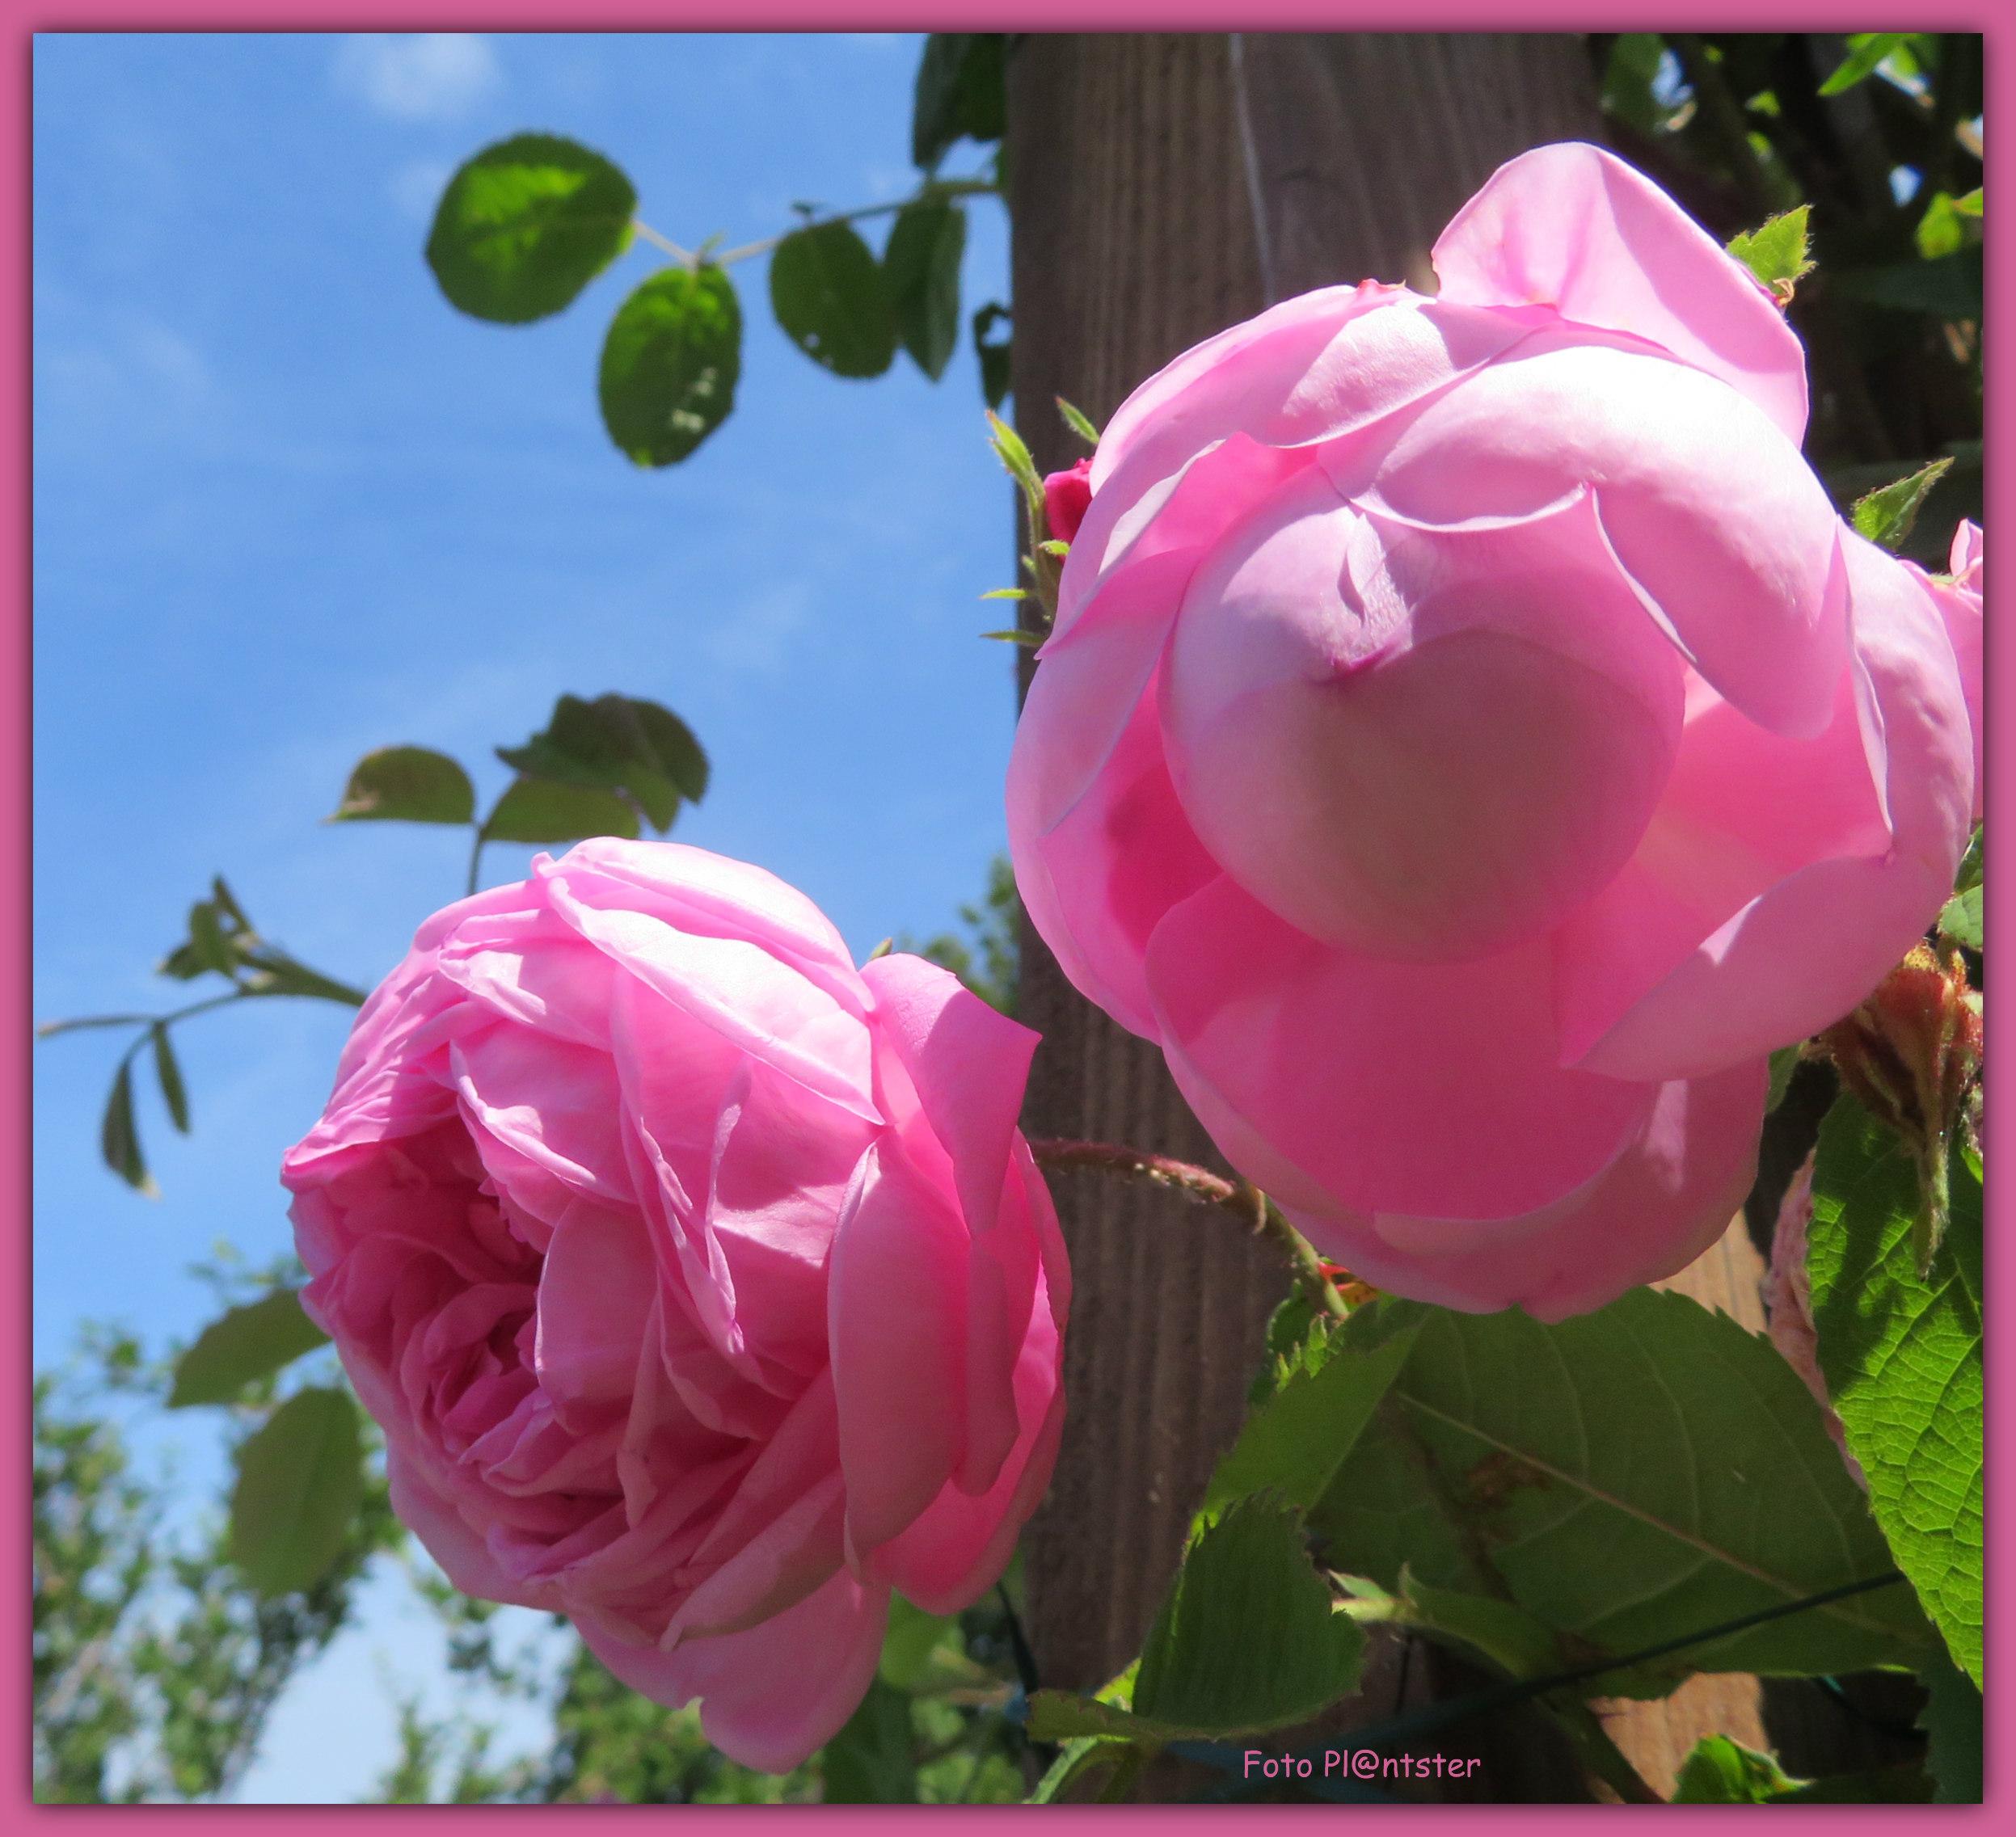 IMG_0155 Heerlijk geurende roos